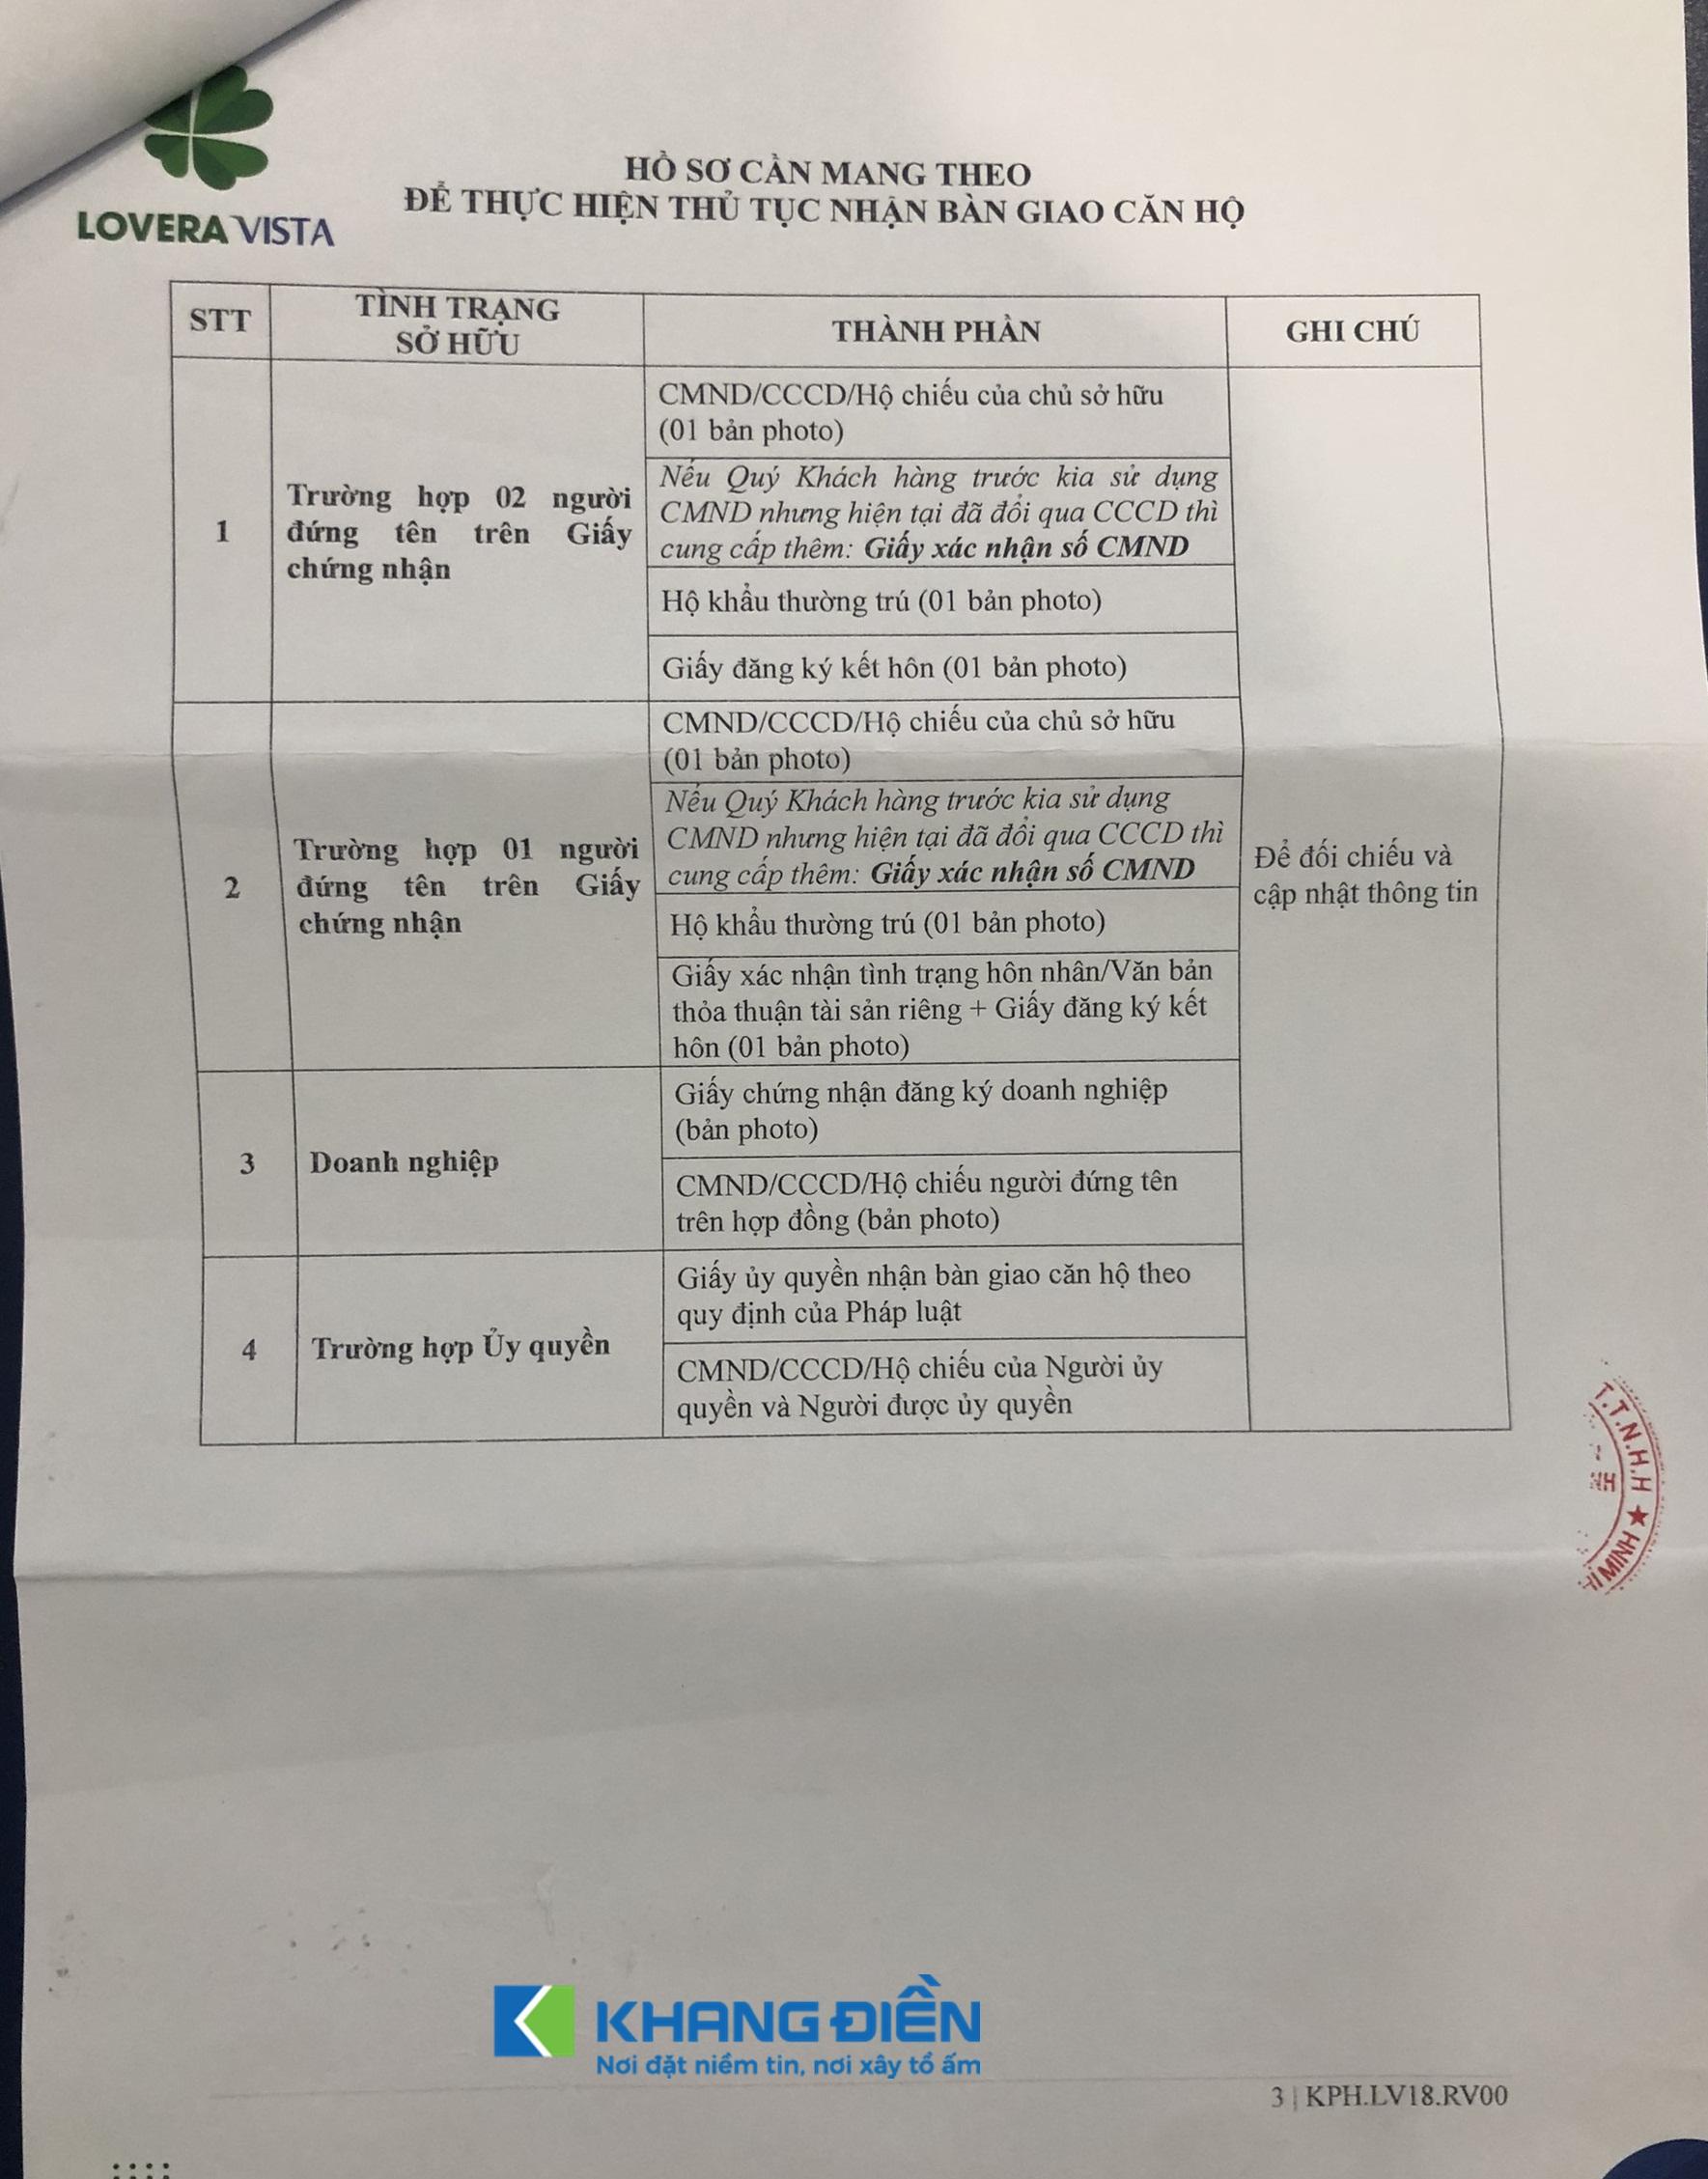 Những giấy tờ cần khi nhận bàn giao cũng là những giấy tờ cần thiết để làm Sổ hồng Lovera Vista - Khang Điền HCM